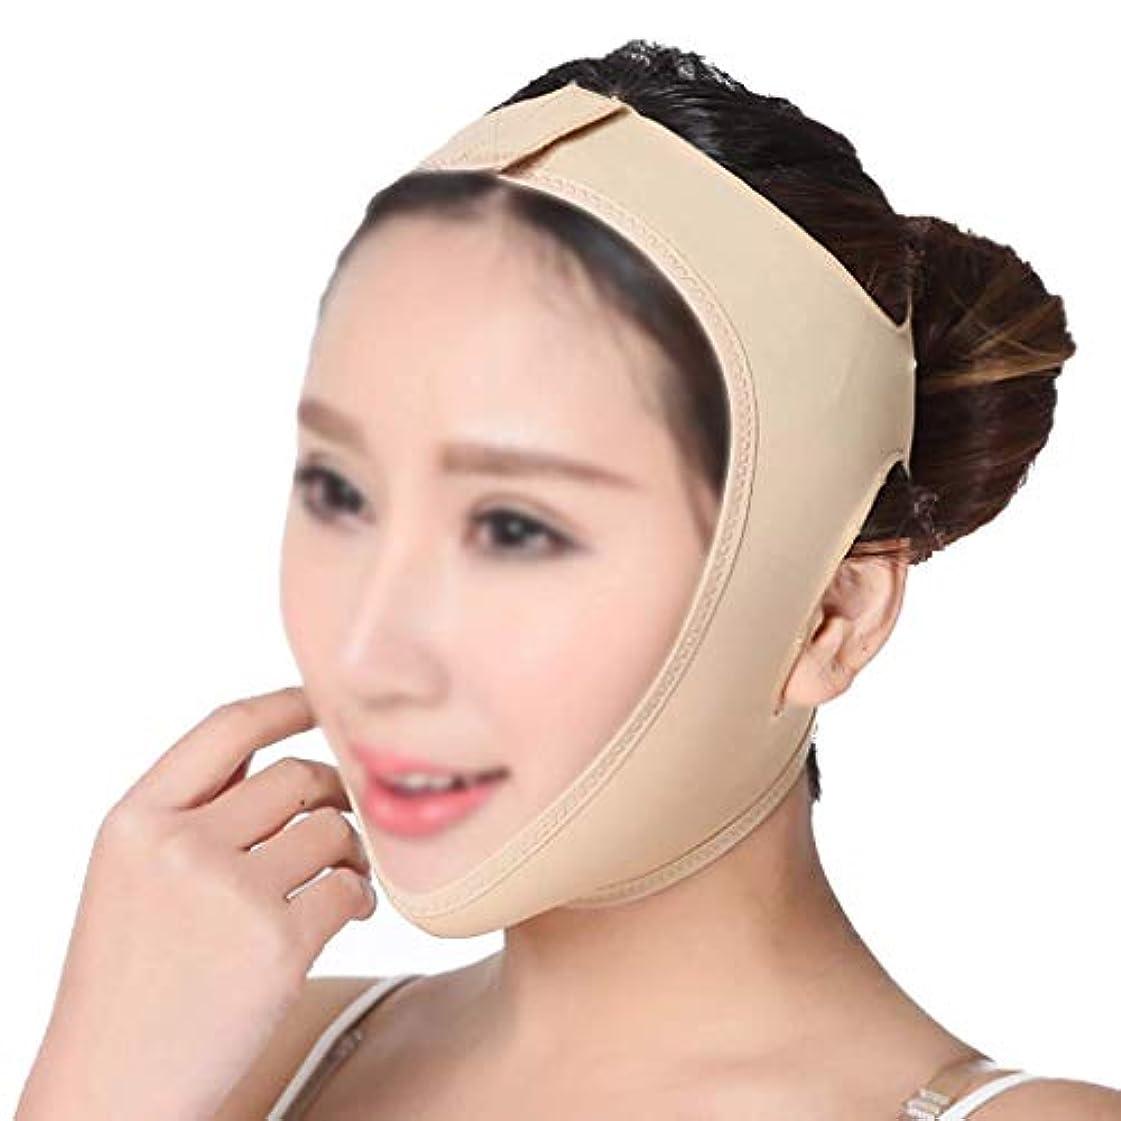 プレーヤー虎化合物フェイスリフティング包帯、Vフェイスインストゥルメントフェイスマスクアーティファクト引き締めマスク手動フェイシャルマッサージャー通気性肌のトーン(サイズ:xl),Xl